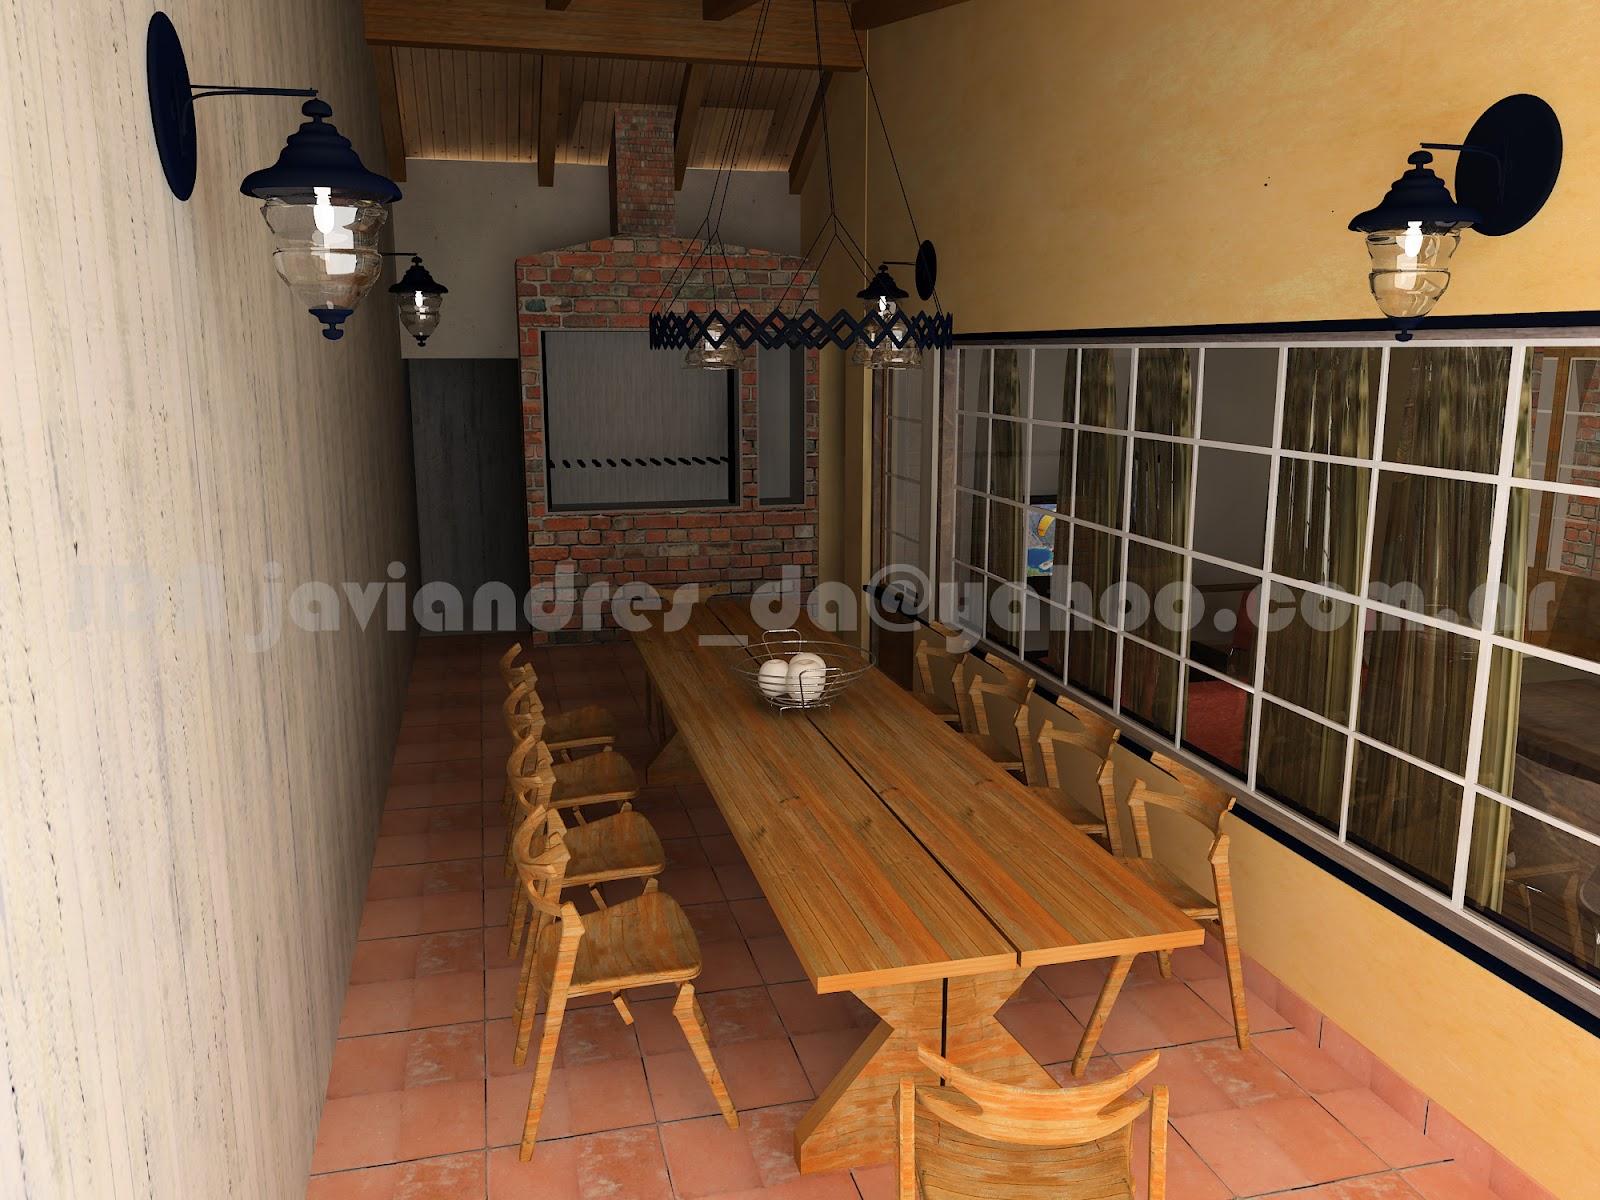 Arquitec maquetas remodelaci n 3d casa antigua buenos aires for Como remodelar una casa